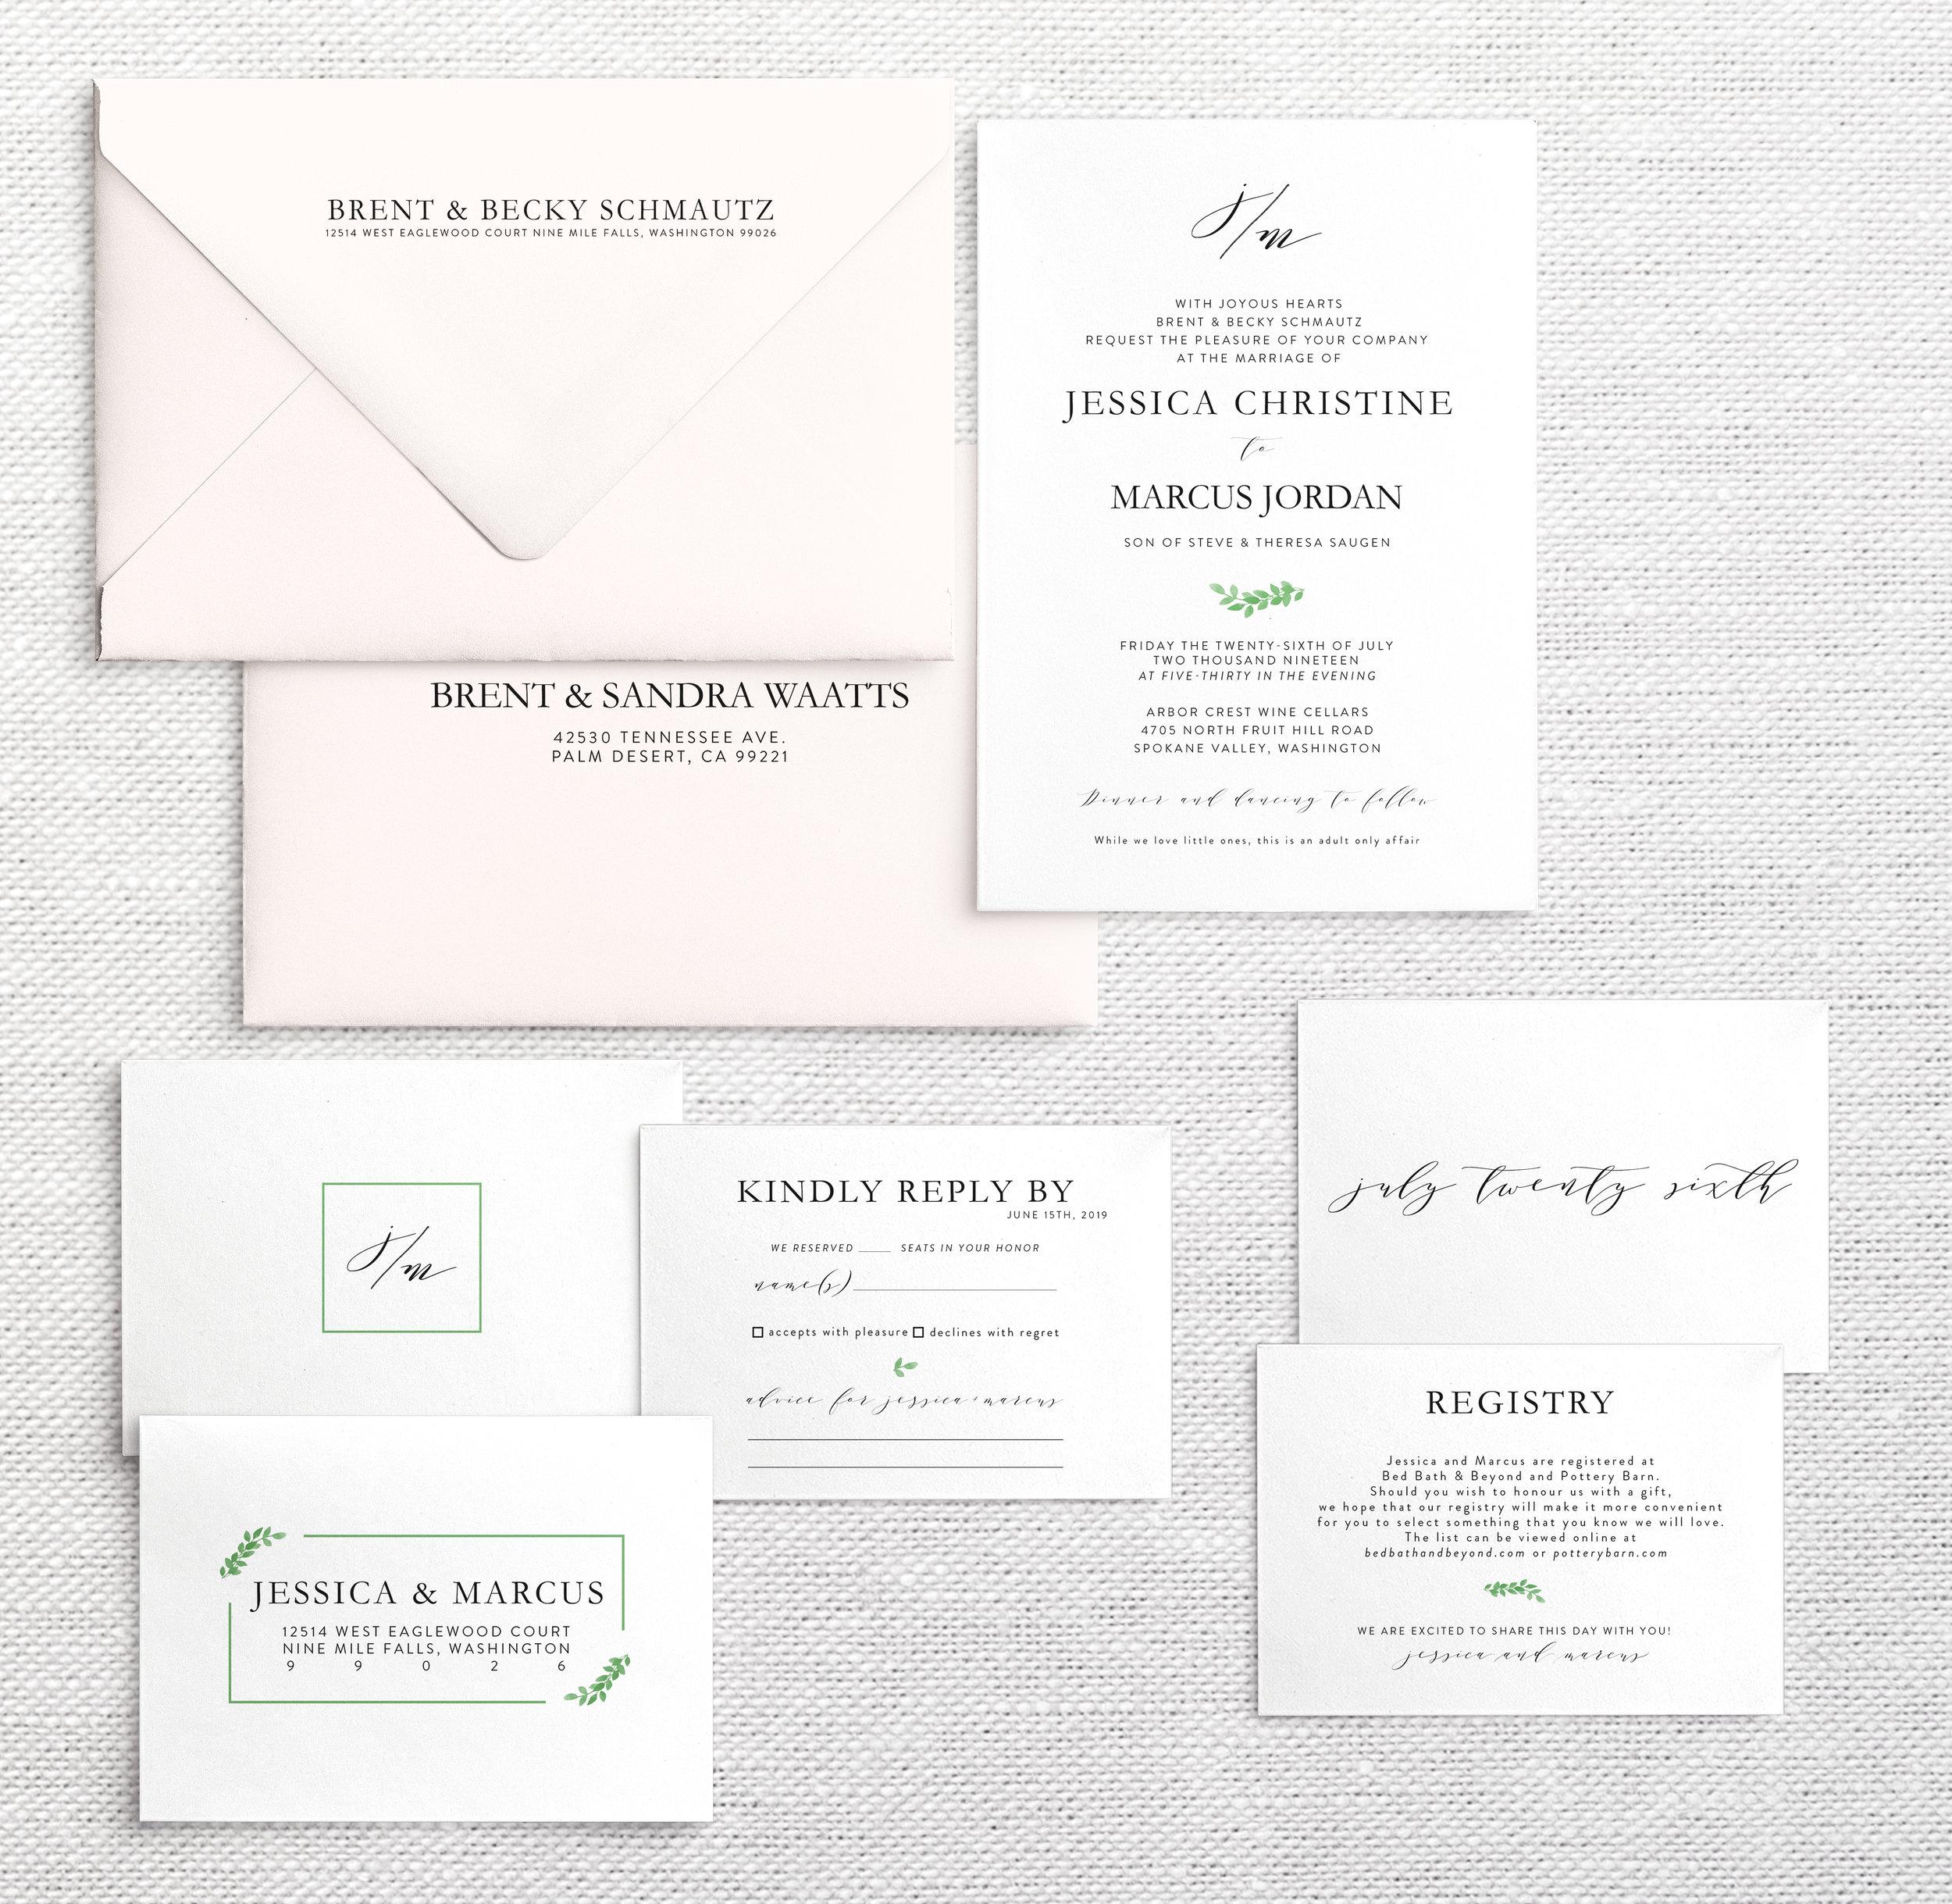 weddinginvitation.jpg